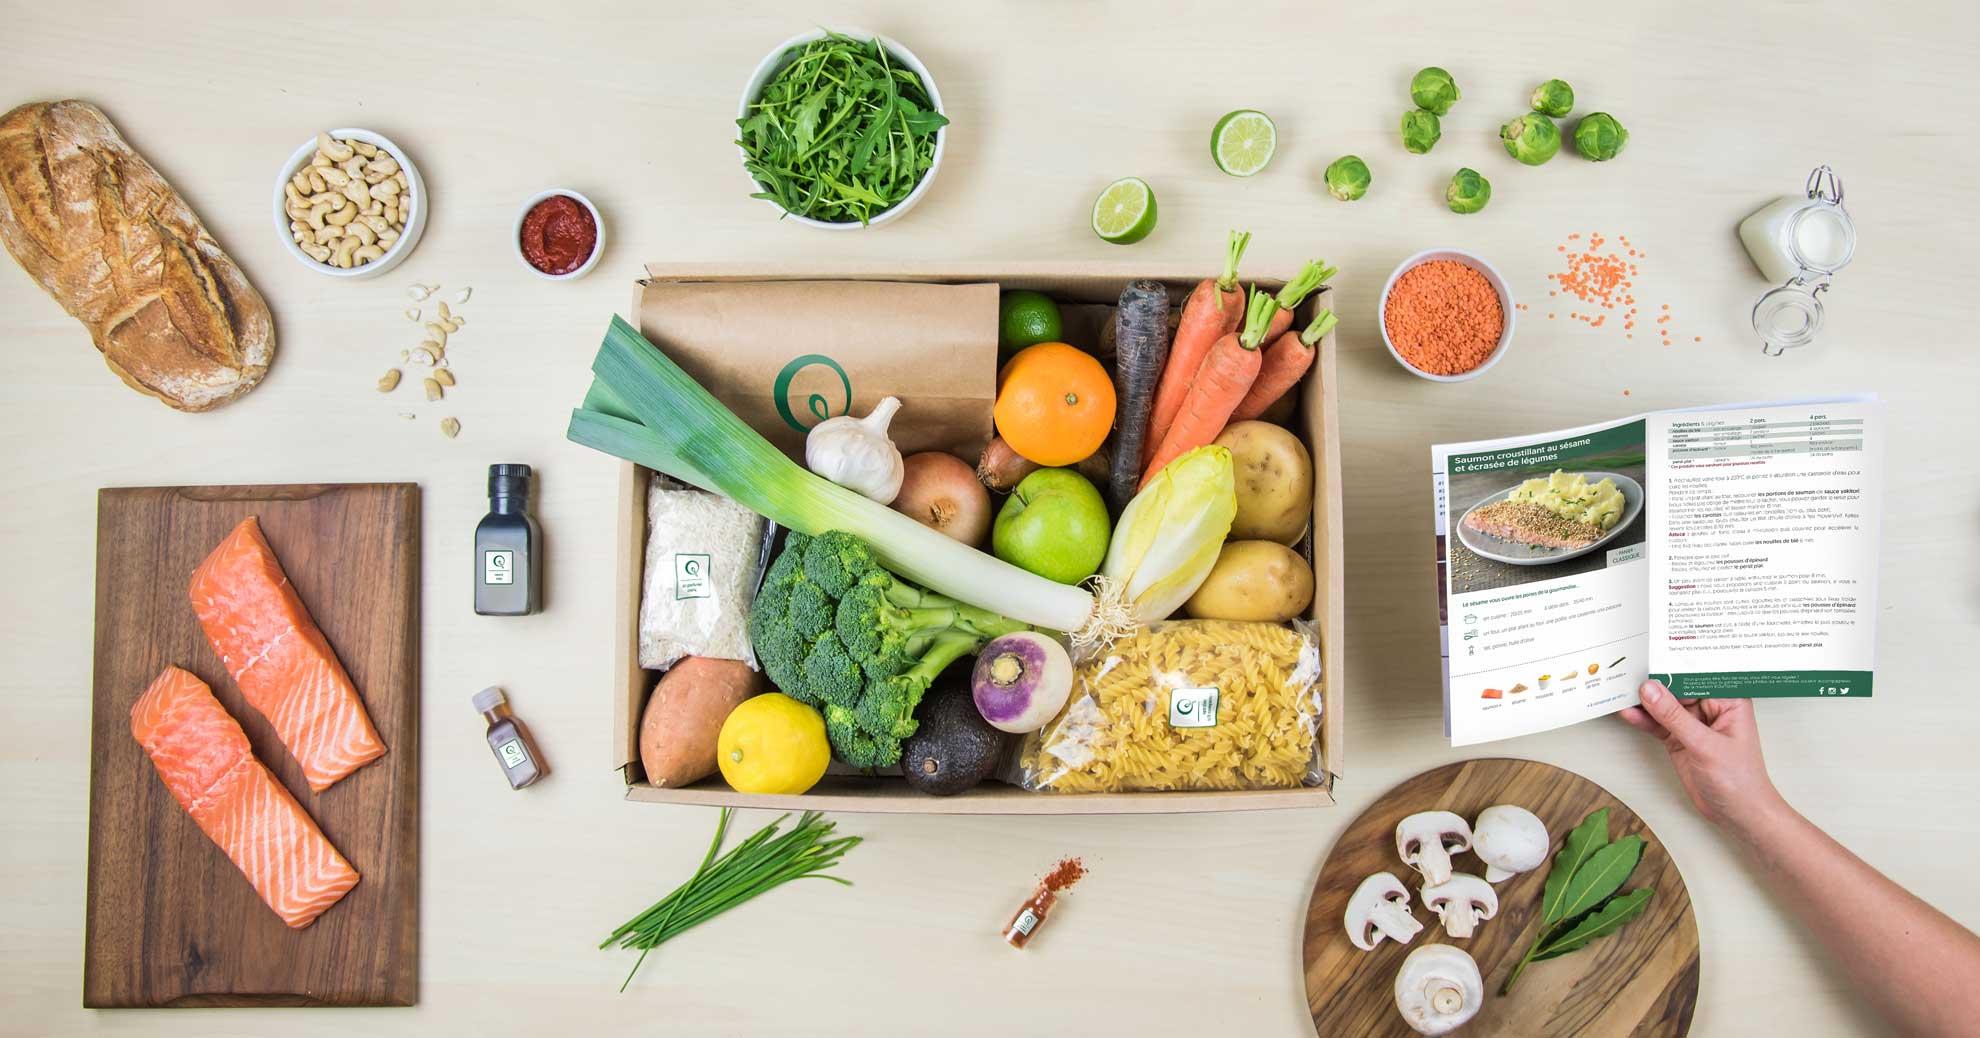 Sport et nutrition: la délicieuse recette d'une vie plus saine Nutrition Partenariat